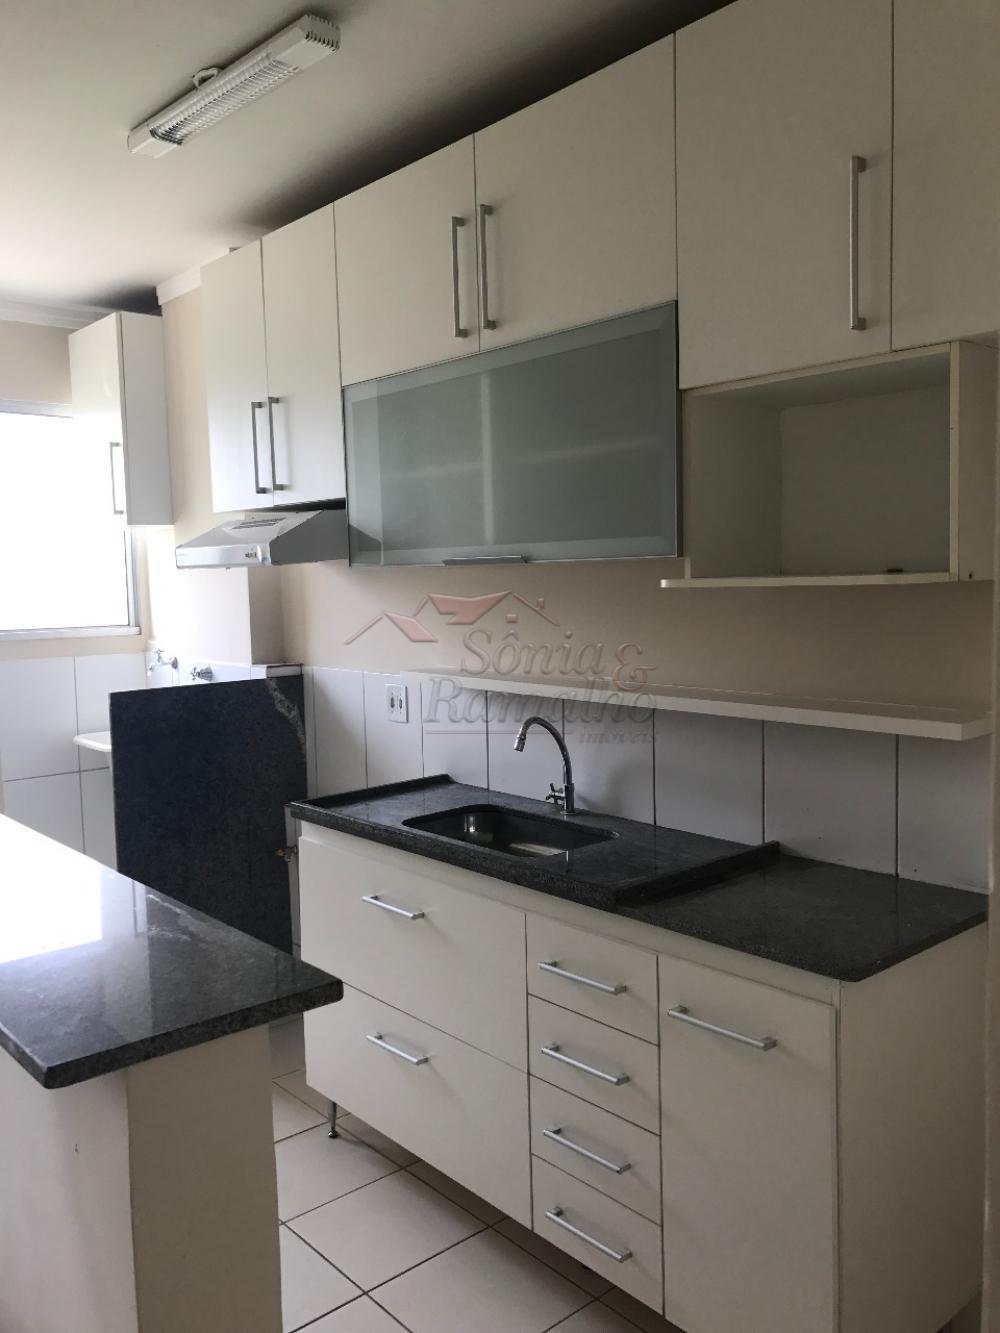 Comprar Apartamentos / Padrão em Ribeirão Preto apenas R$ 280.000,00 - Foto 1